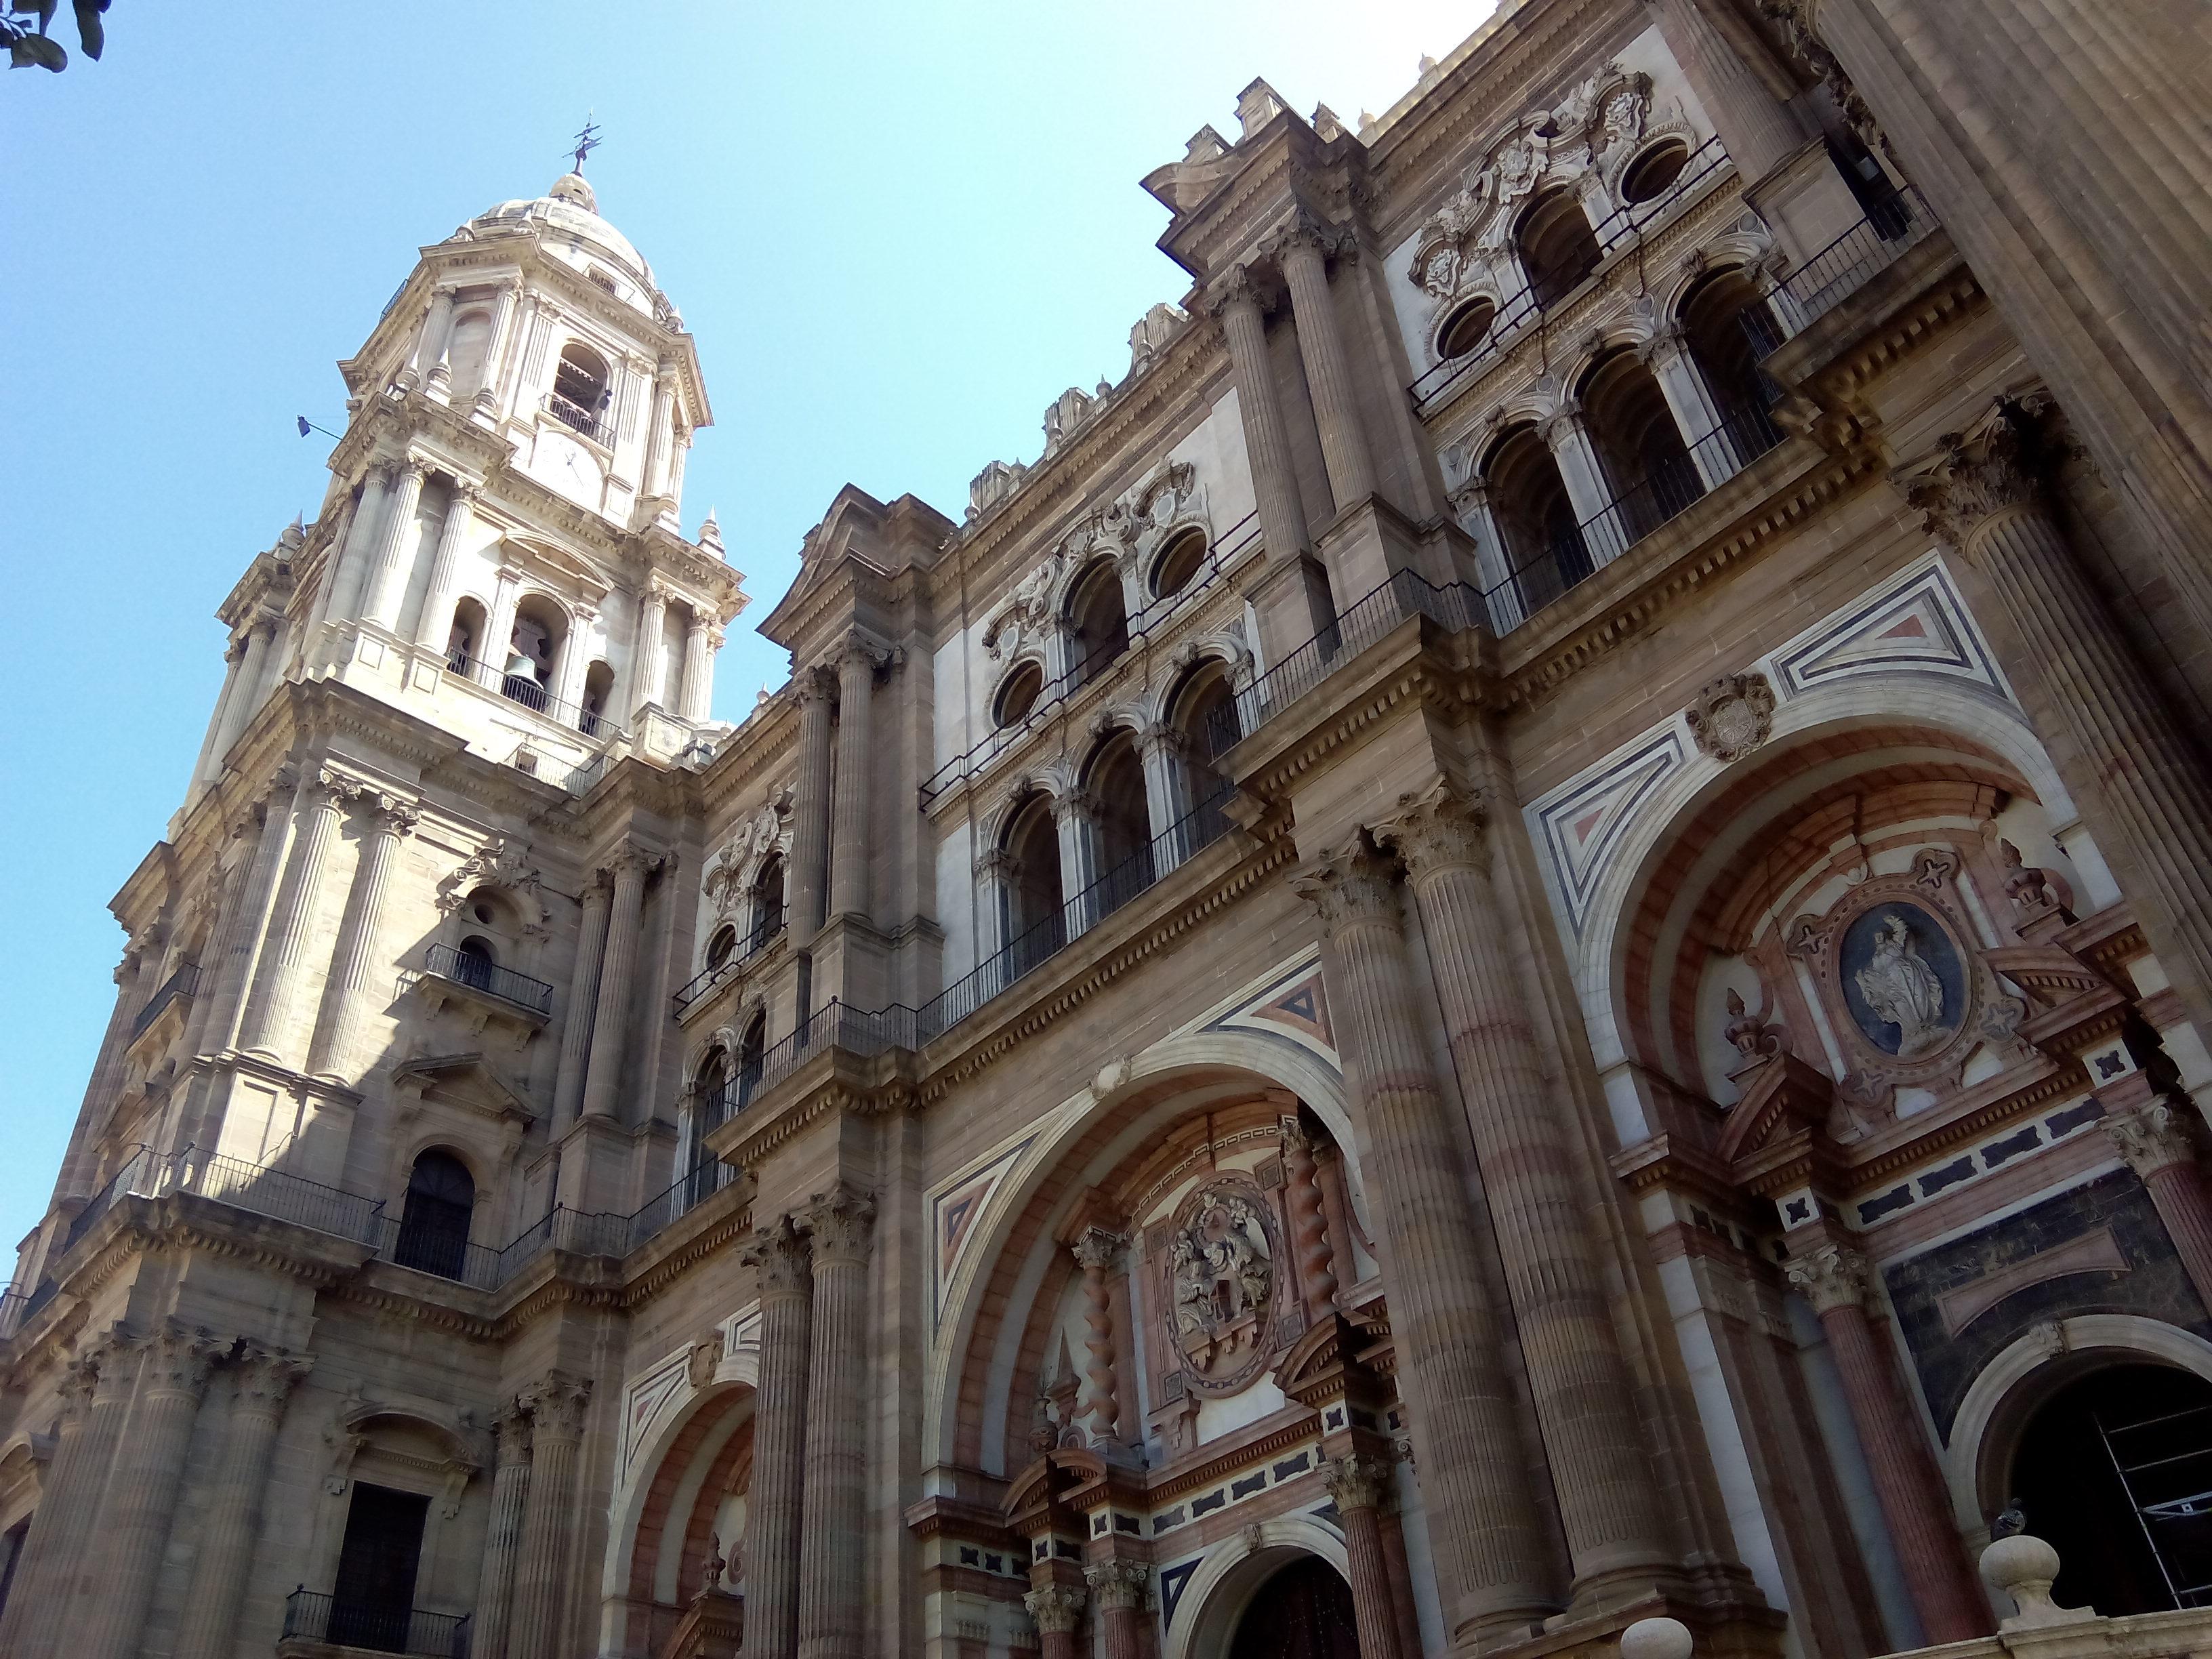 malaga_tour_cattedrale_cosa-vedere_andalusia_andalucia_consigli